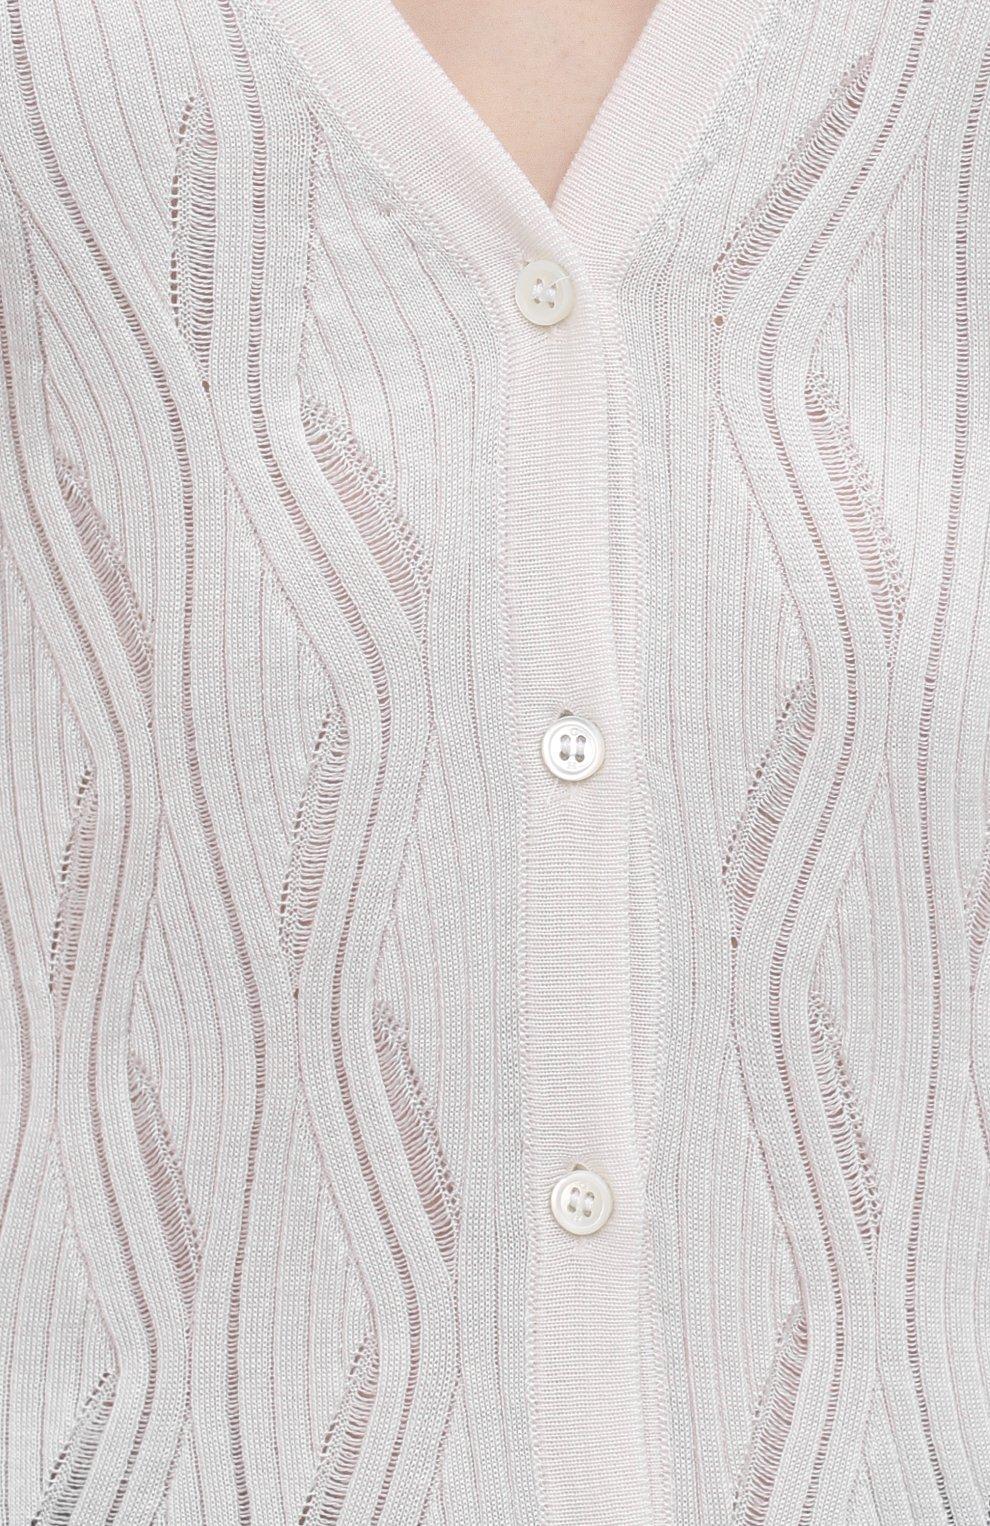 Женский кардиган из кашемира и шелка GABRIELA HEARST белого цвета, арт. 221925 A003   Фото 5 (Материал внешний: Шерсть, Шелк, Кашемир; Рукава: Длинные; Длина (для топов): Стандартные; Кросс-КТ: Трикотаж; Женское Кросс-КТ: кардиган-трикотаж; Стили: Кэжуэл)